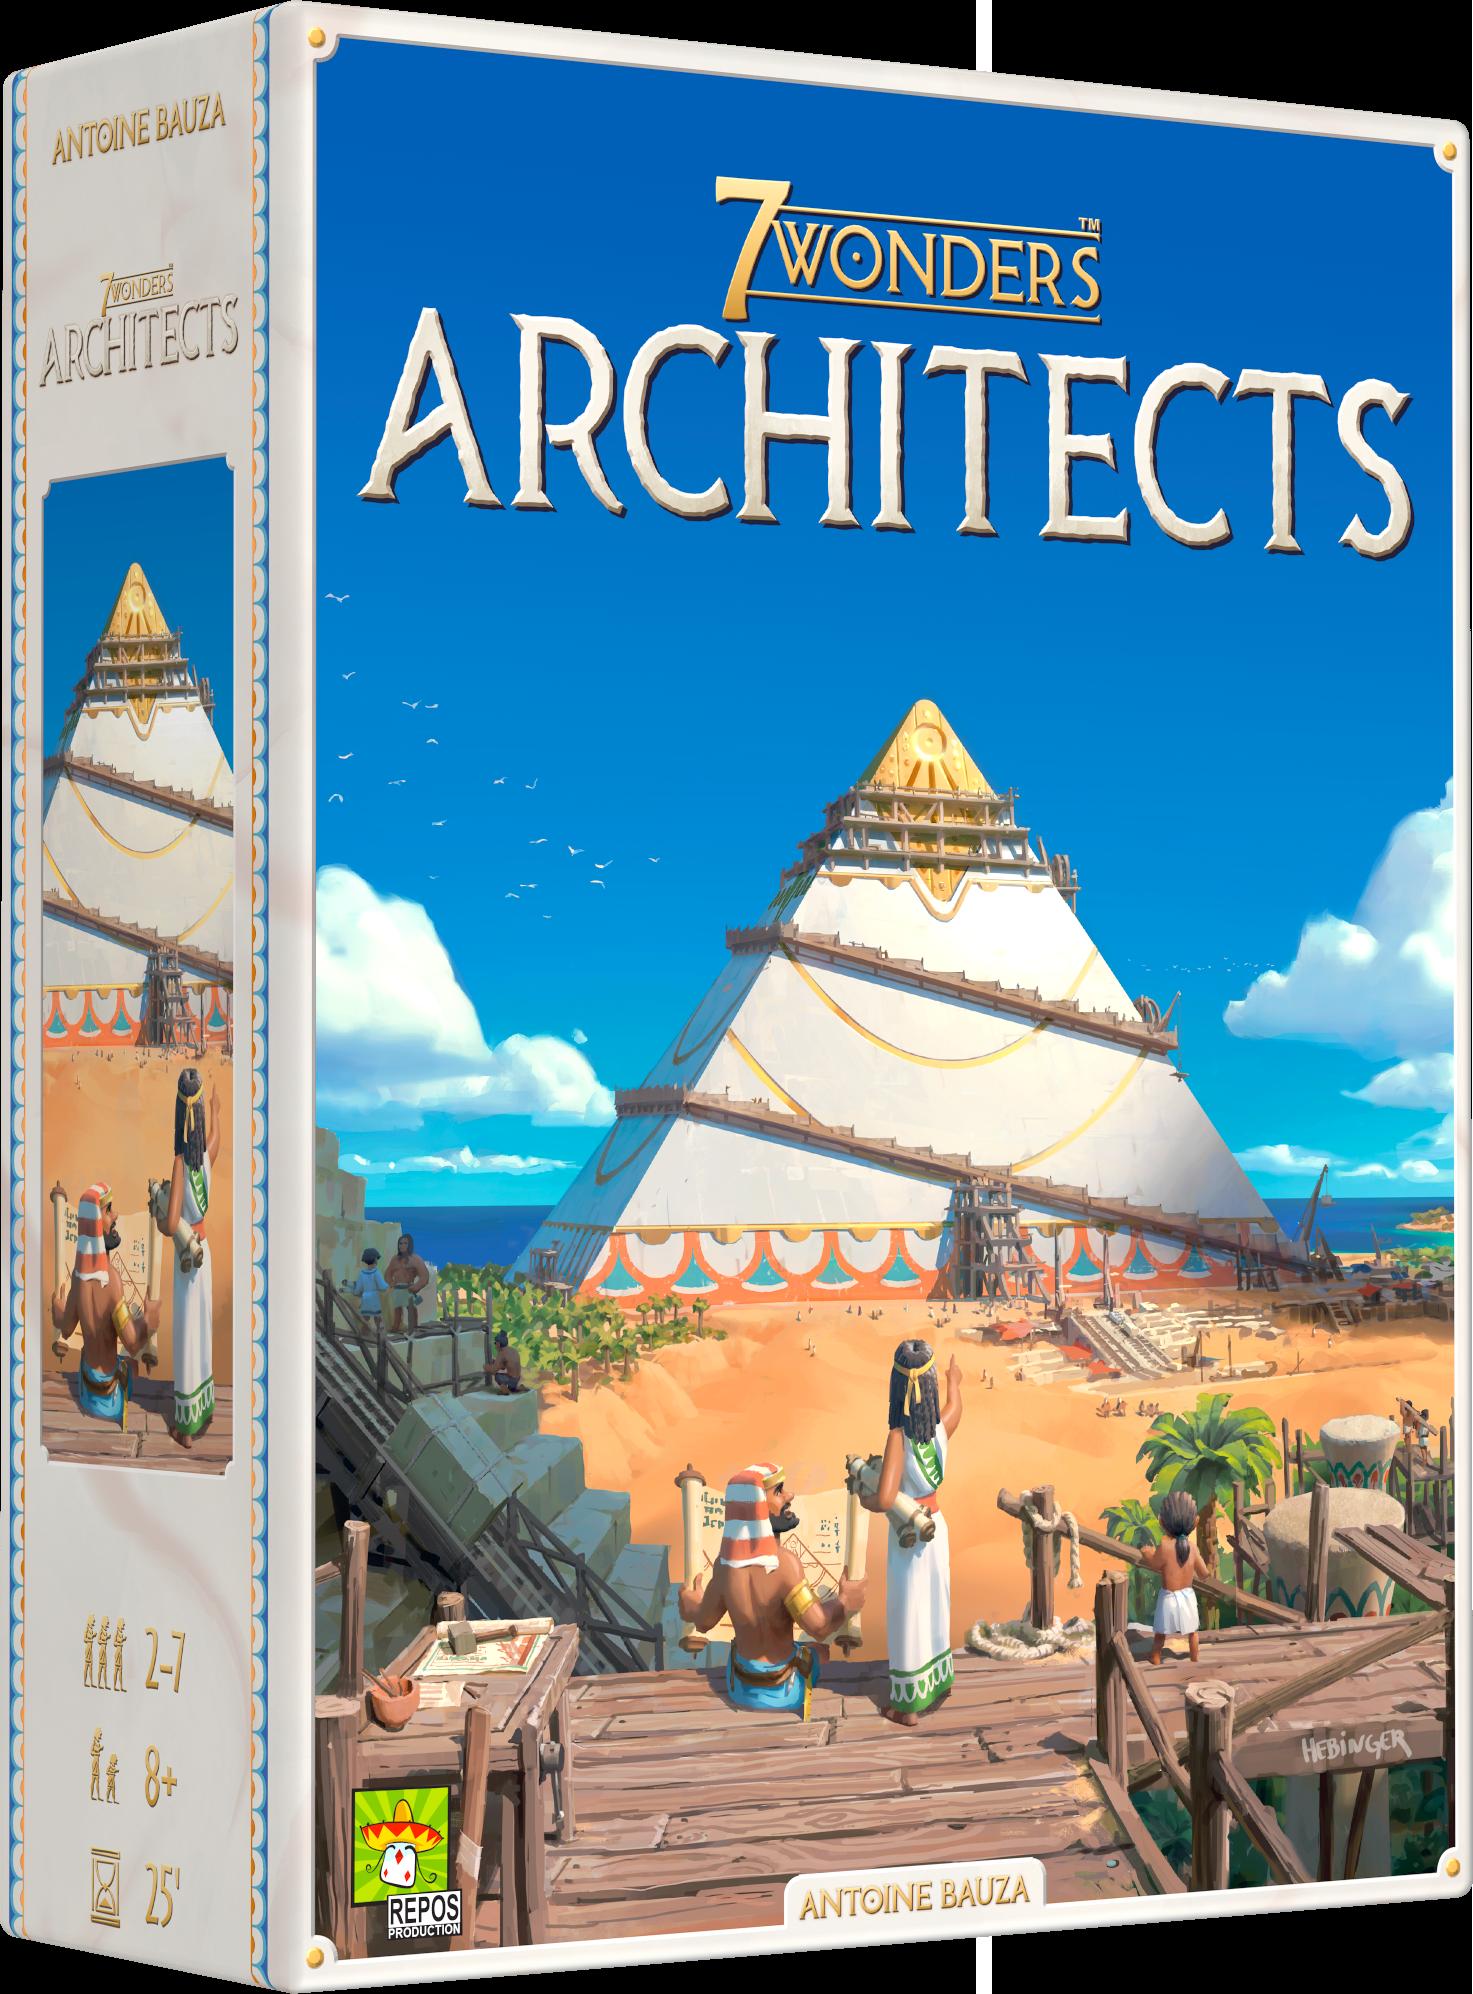 7 Wonders Architects, c'est aussi :